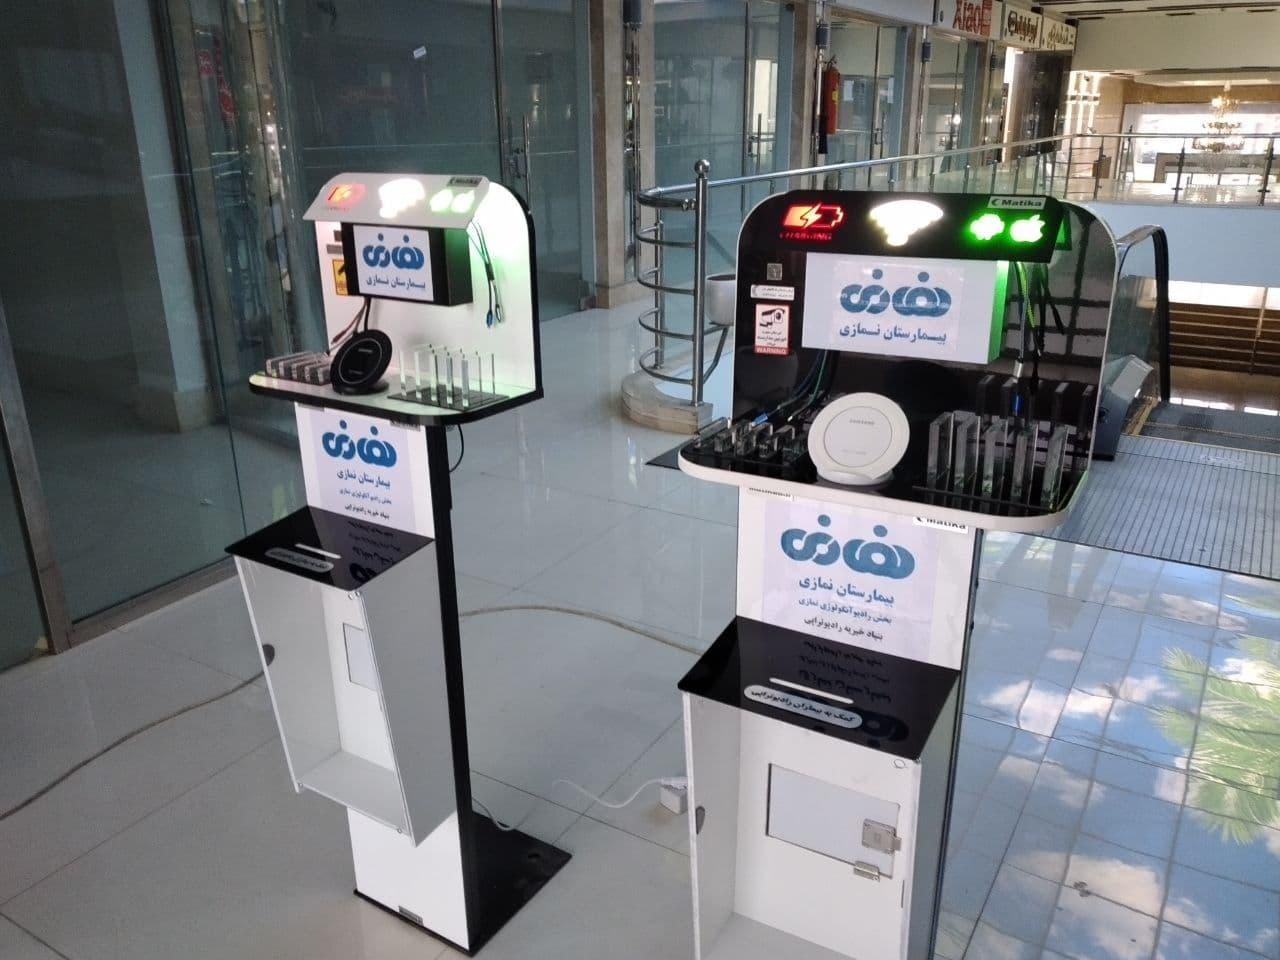 صندوق نذورات -  - استند شارژر -  ایستگاه شارژر موبایل - استند شارژ